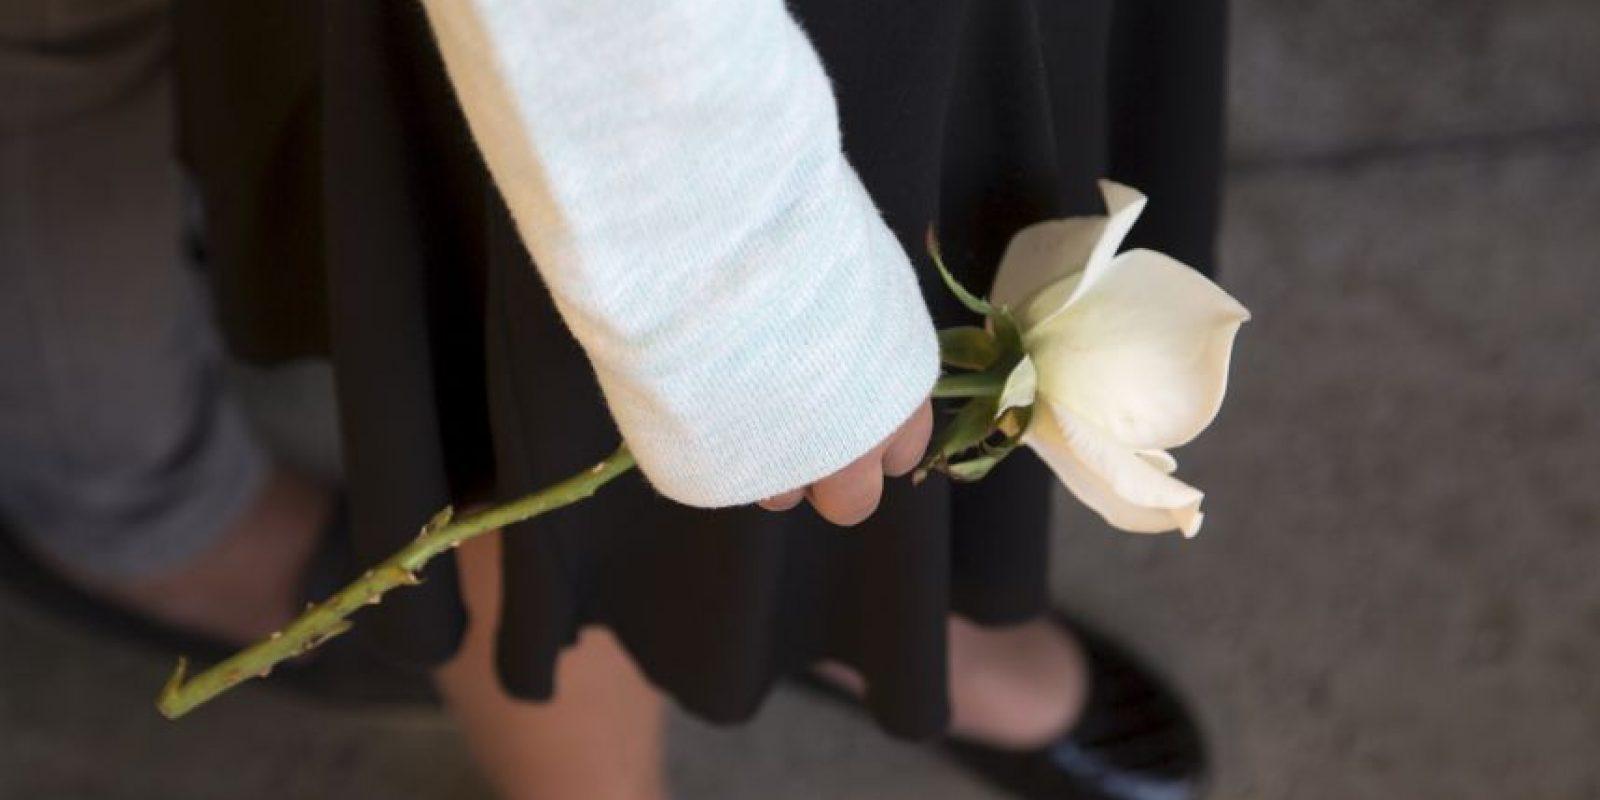 Entre los actos que se consideran parte de la violencia de género están aquellos que causan sufrimiento o daño, amenazas o privación de libertades. Foto:Getty Images